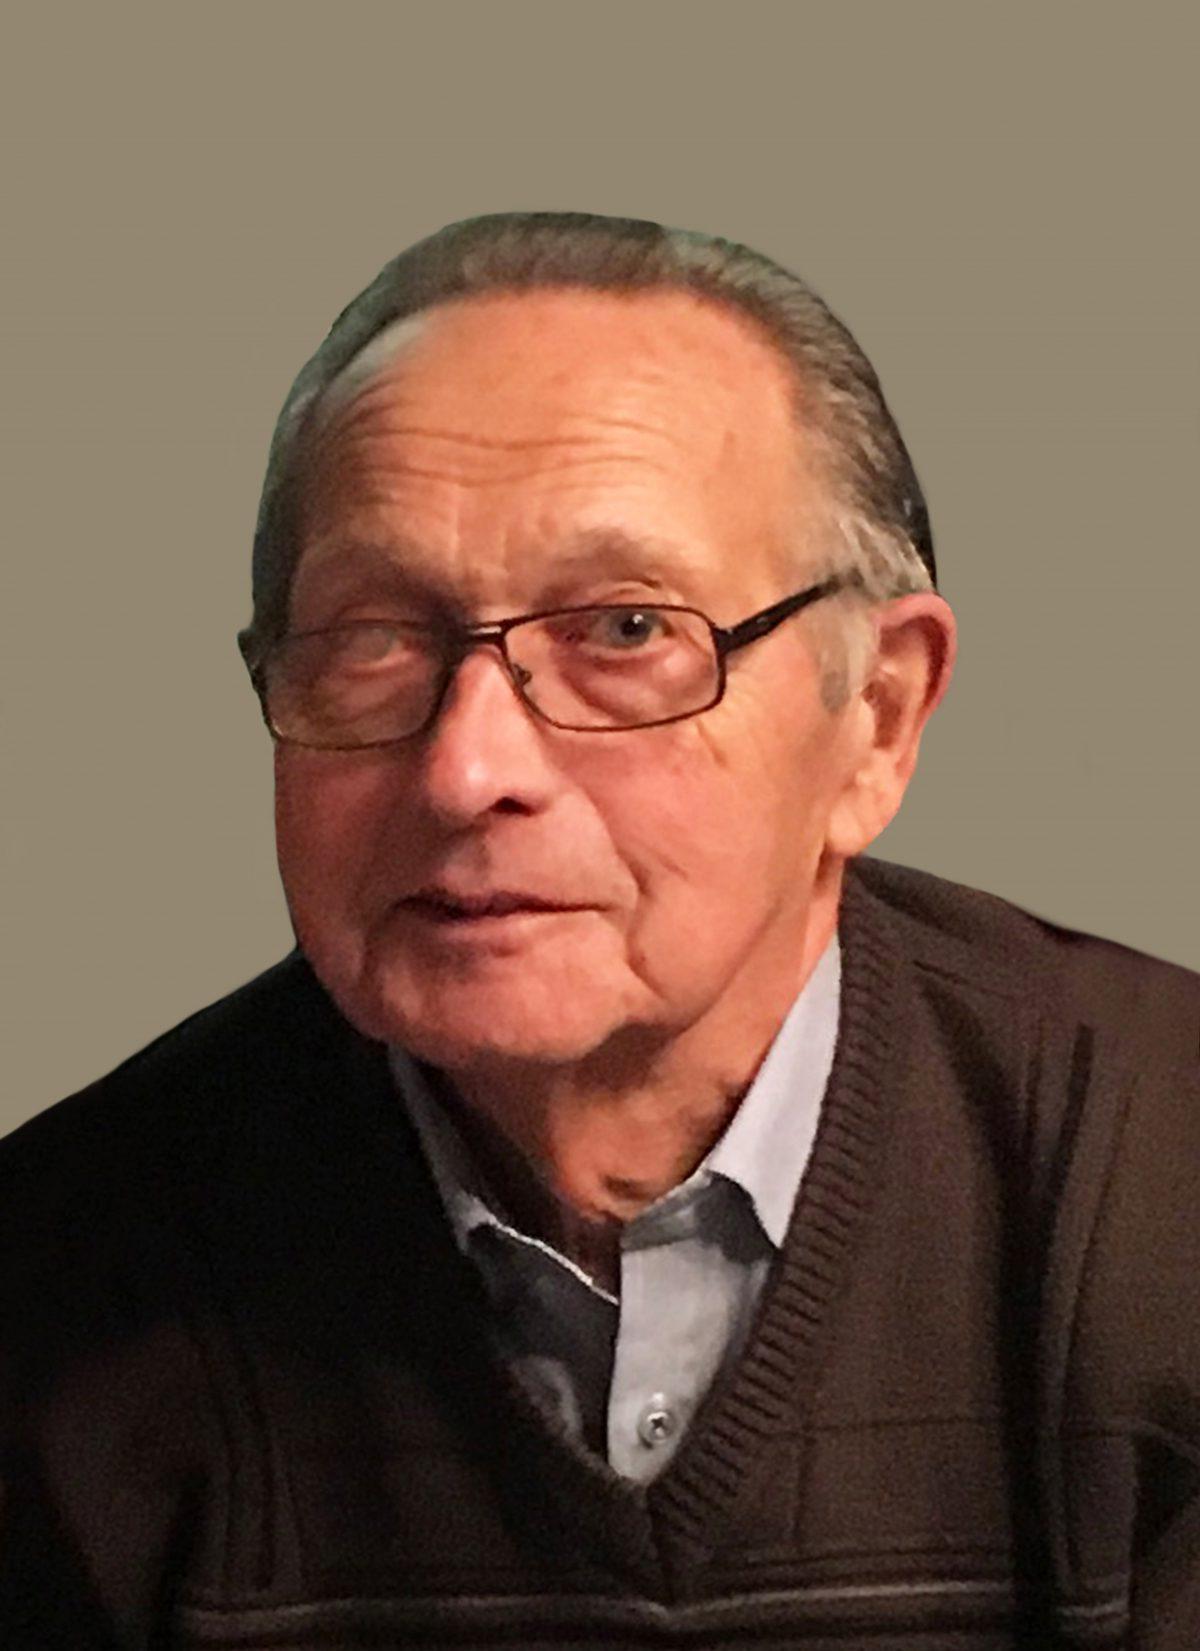 Robert Poesen